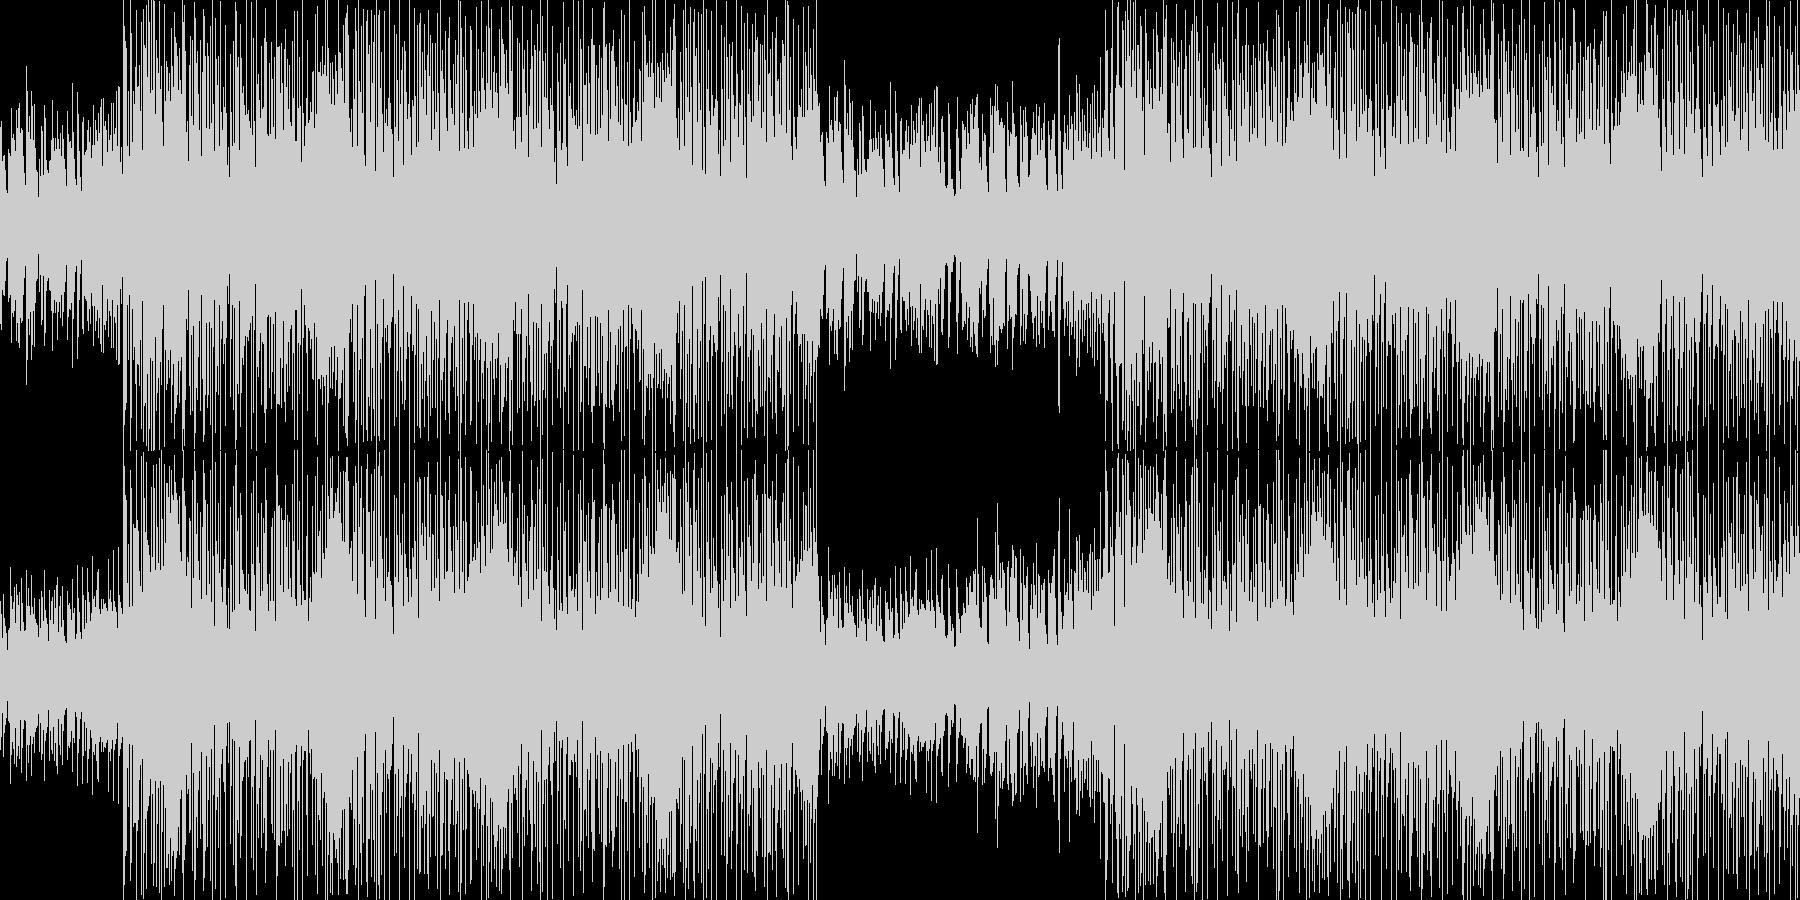 【ダークな雰囲気、ピアノロック・戦闘】の未再生の波形